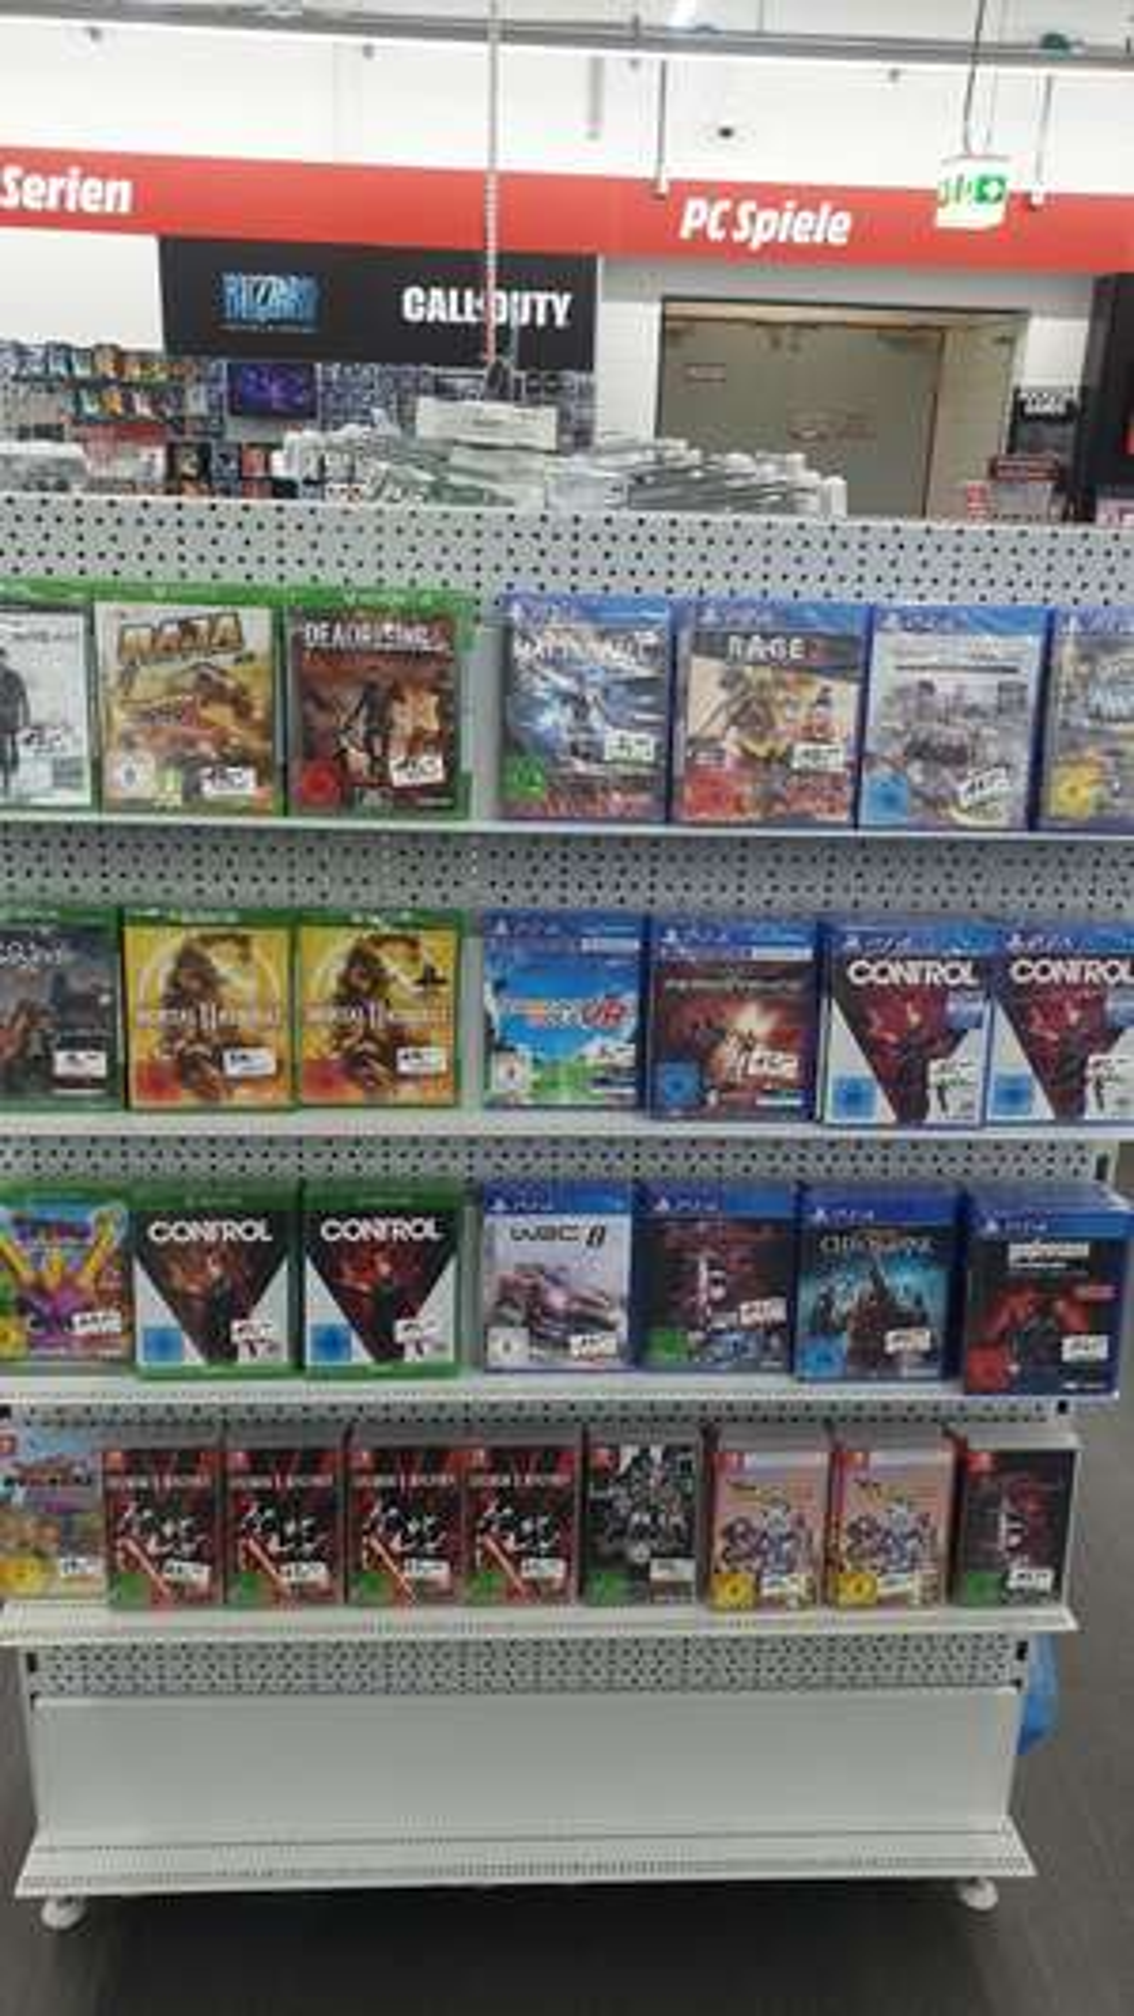 [Lokal] Kaufpark Eiche, verschiedene Xbox One, PS4 und Nintendo Switch Spiele reduziert. Restposten